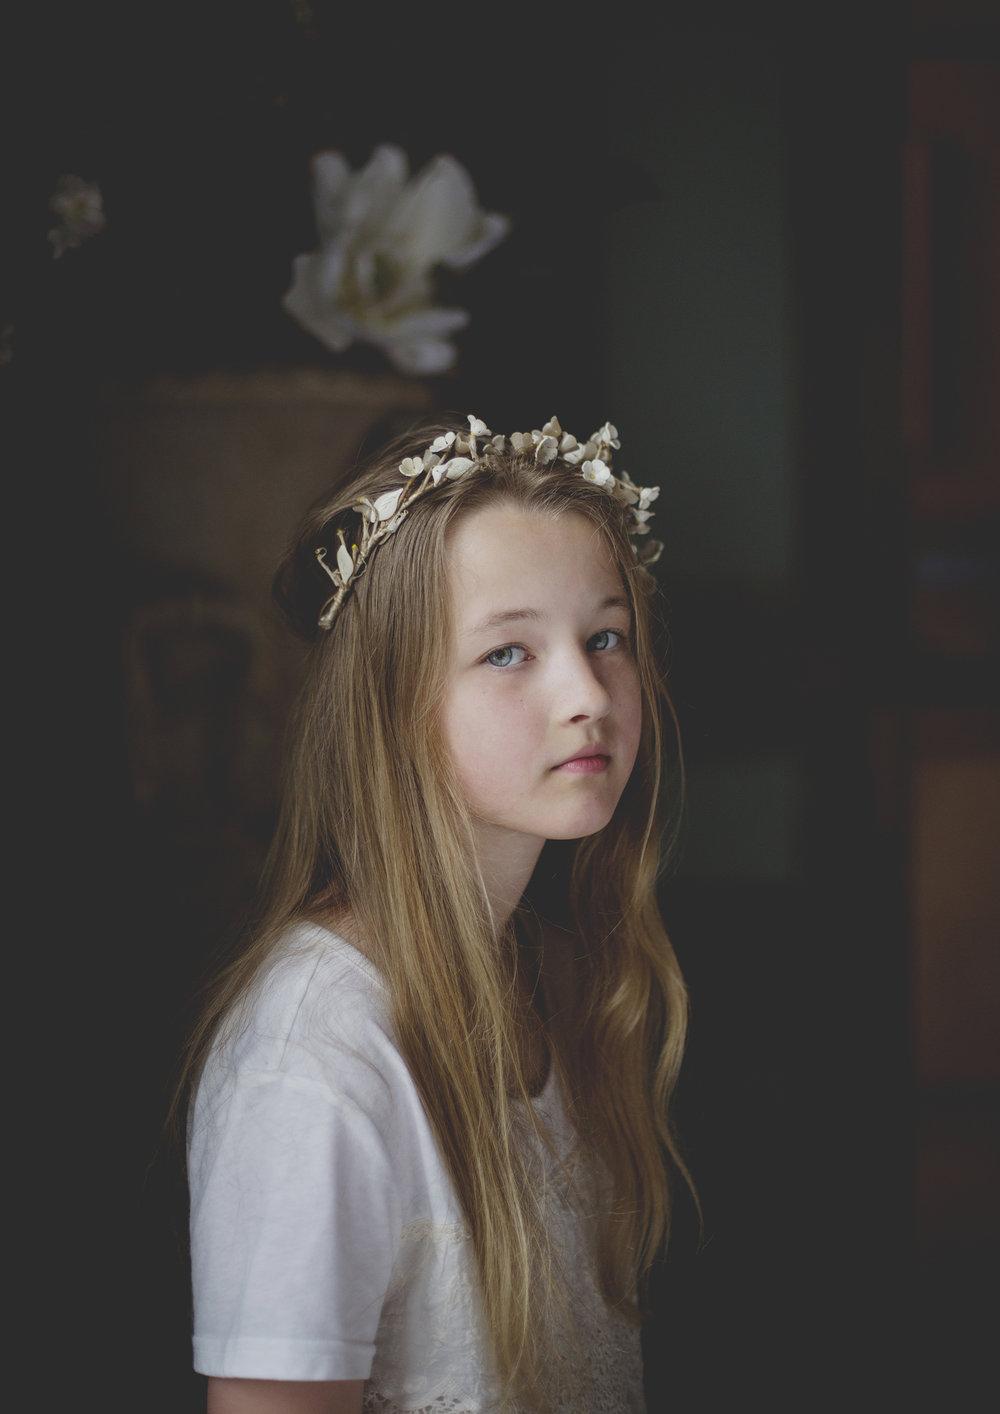 Children's Portrait Photography Melbourne